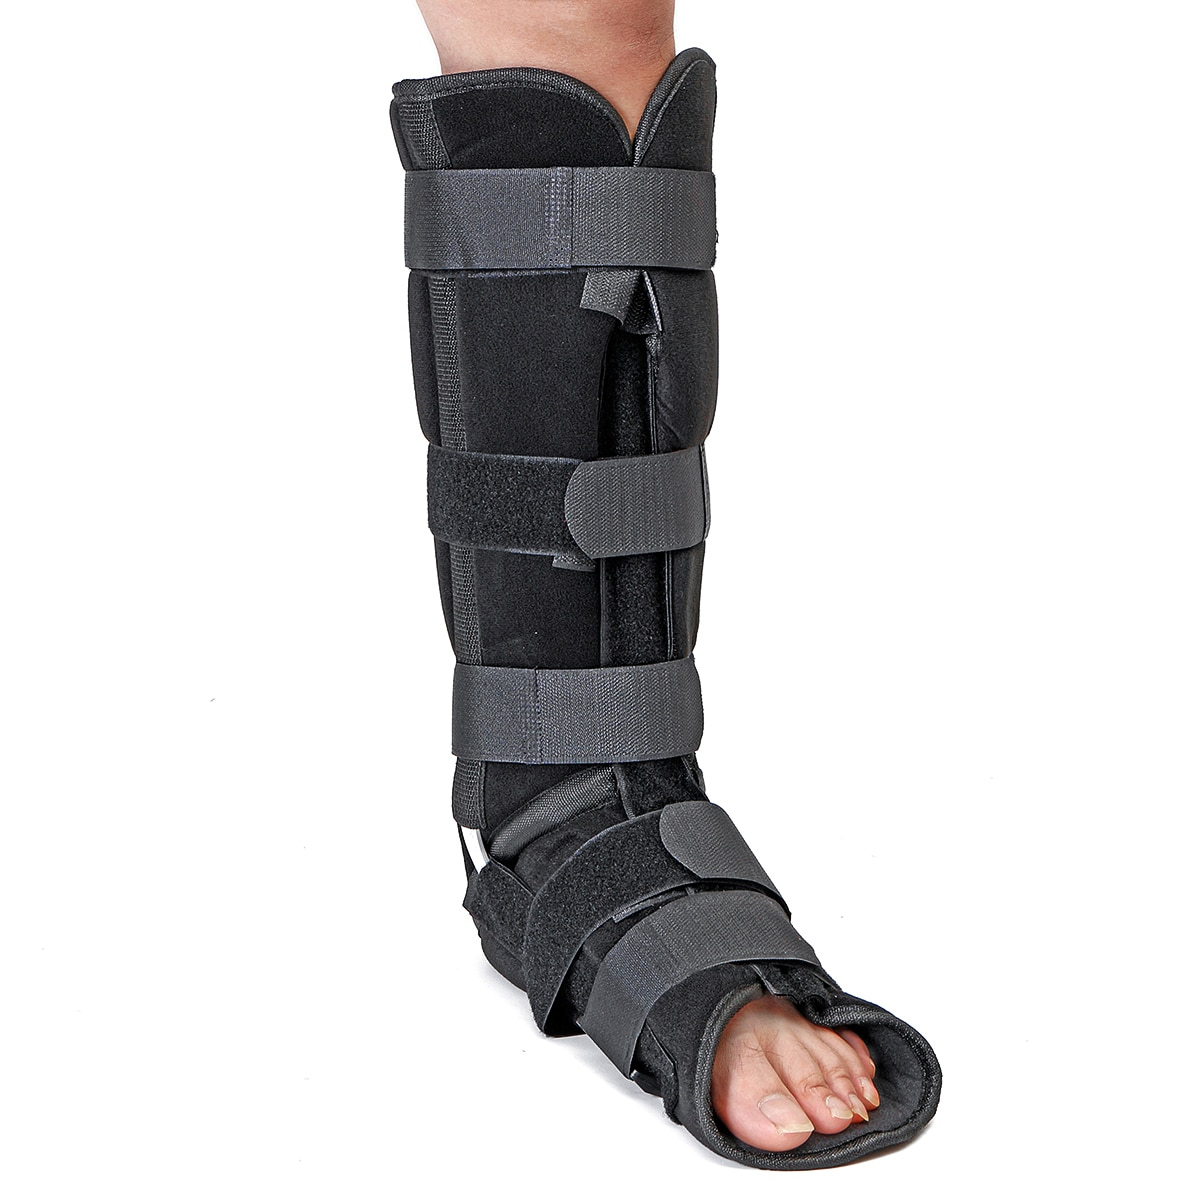 SGODDE 1 Uds tobillo pie Brace a Walker Boot Achille zapato para tendones de miembro inferior órtesis férula zapatos ortopédicos de cuidado de enfermería